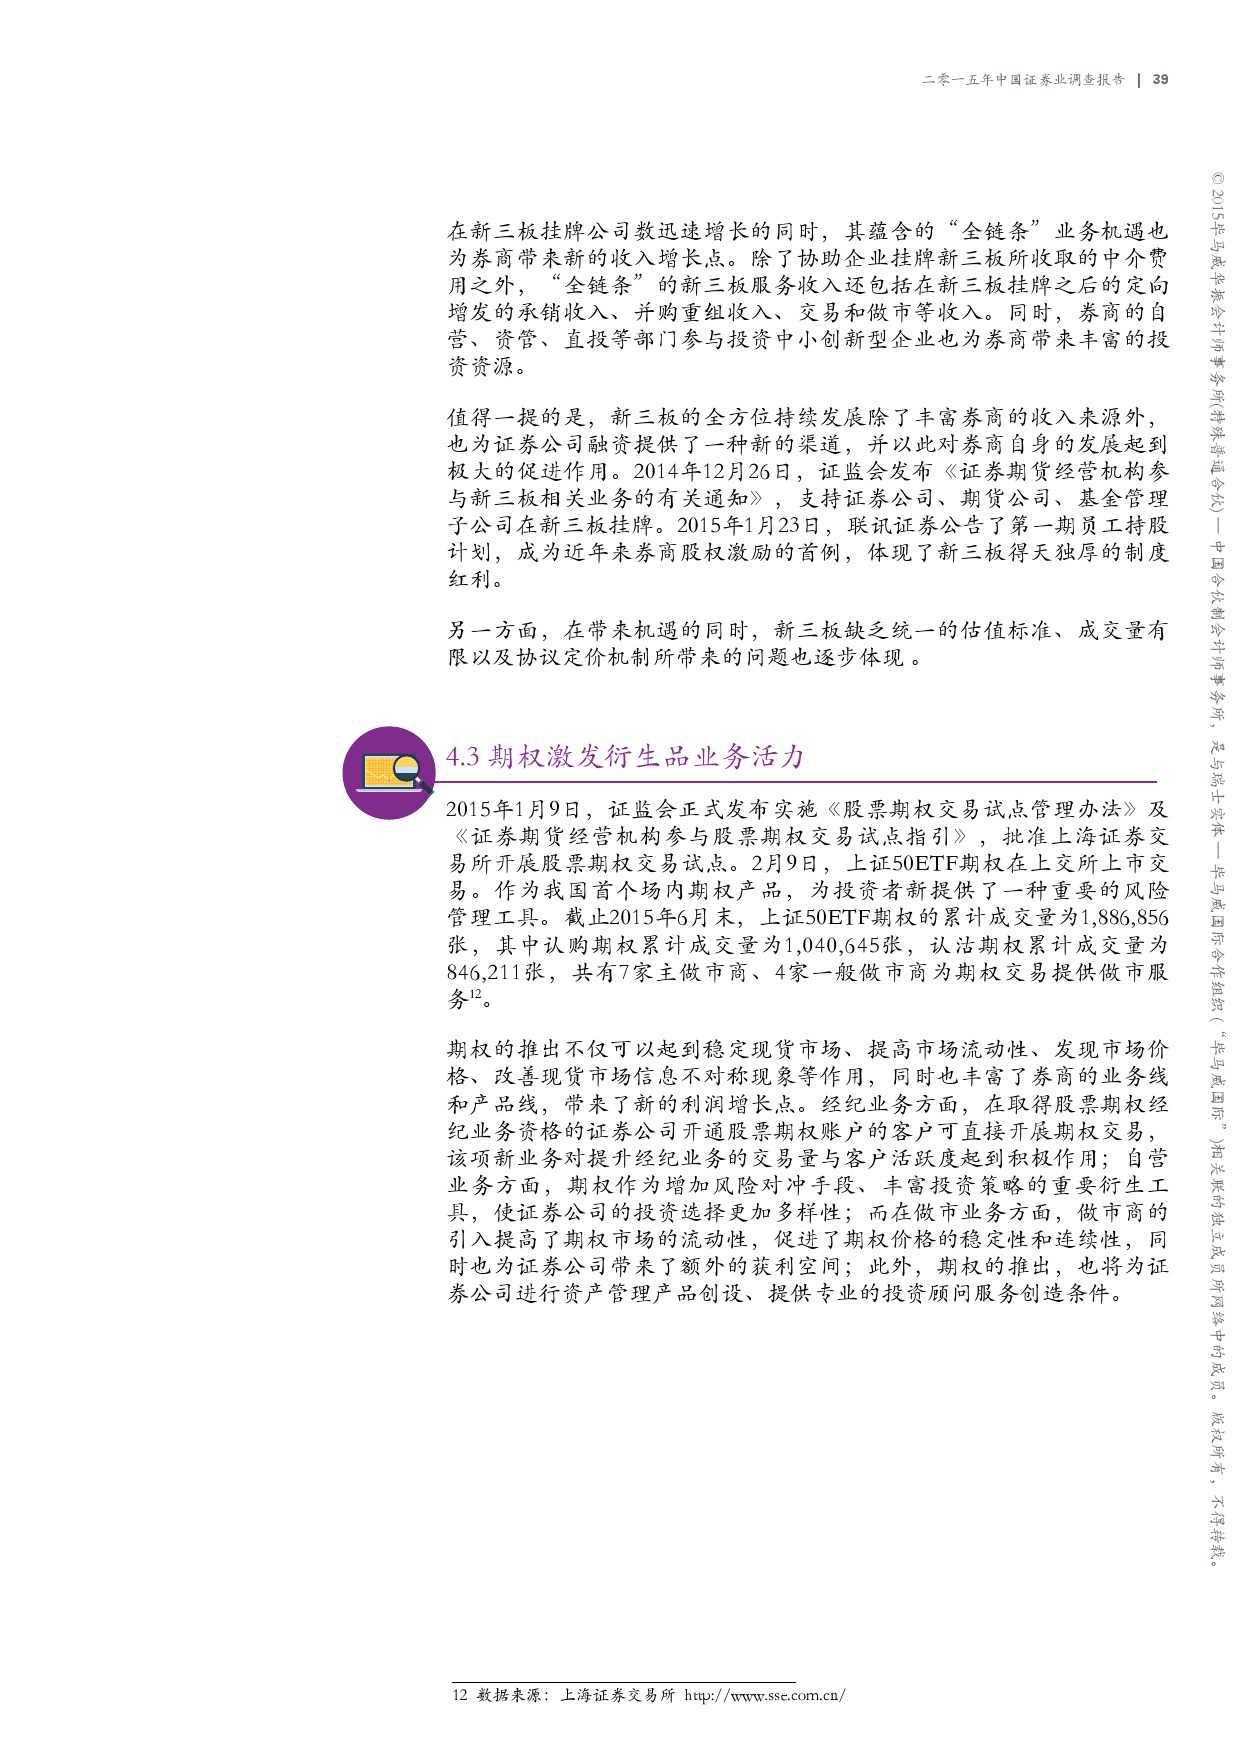 毕马威:2015年中国证券业调查报告_000041